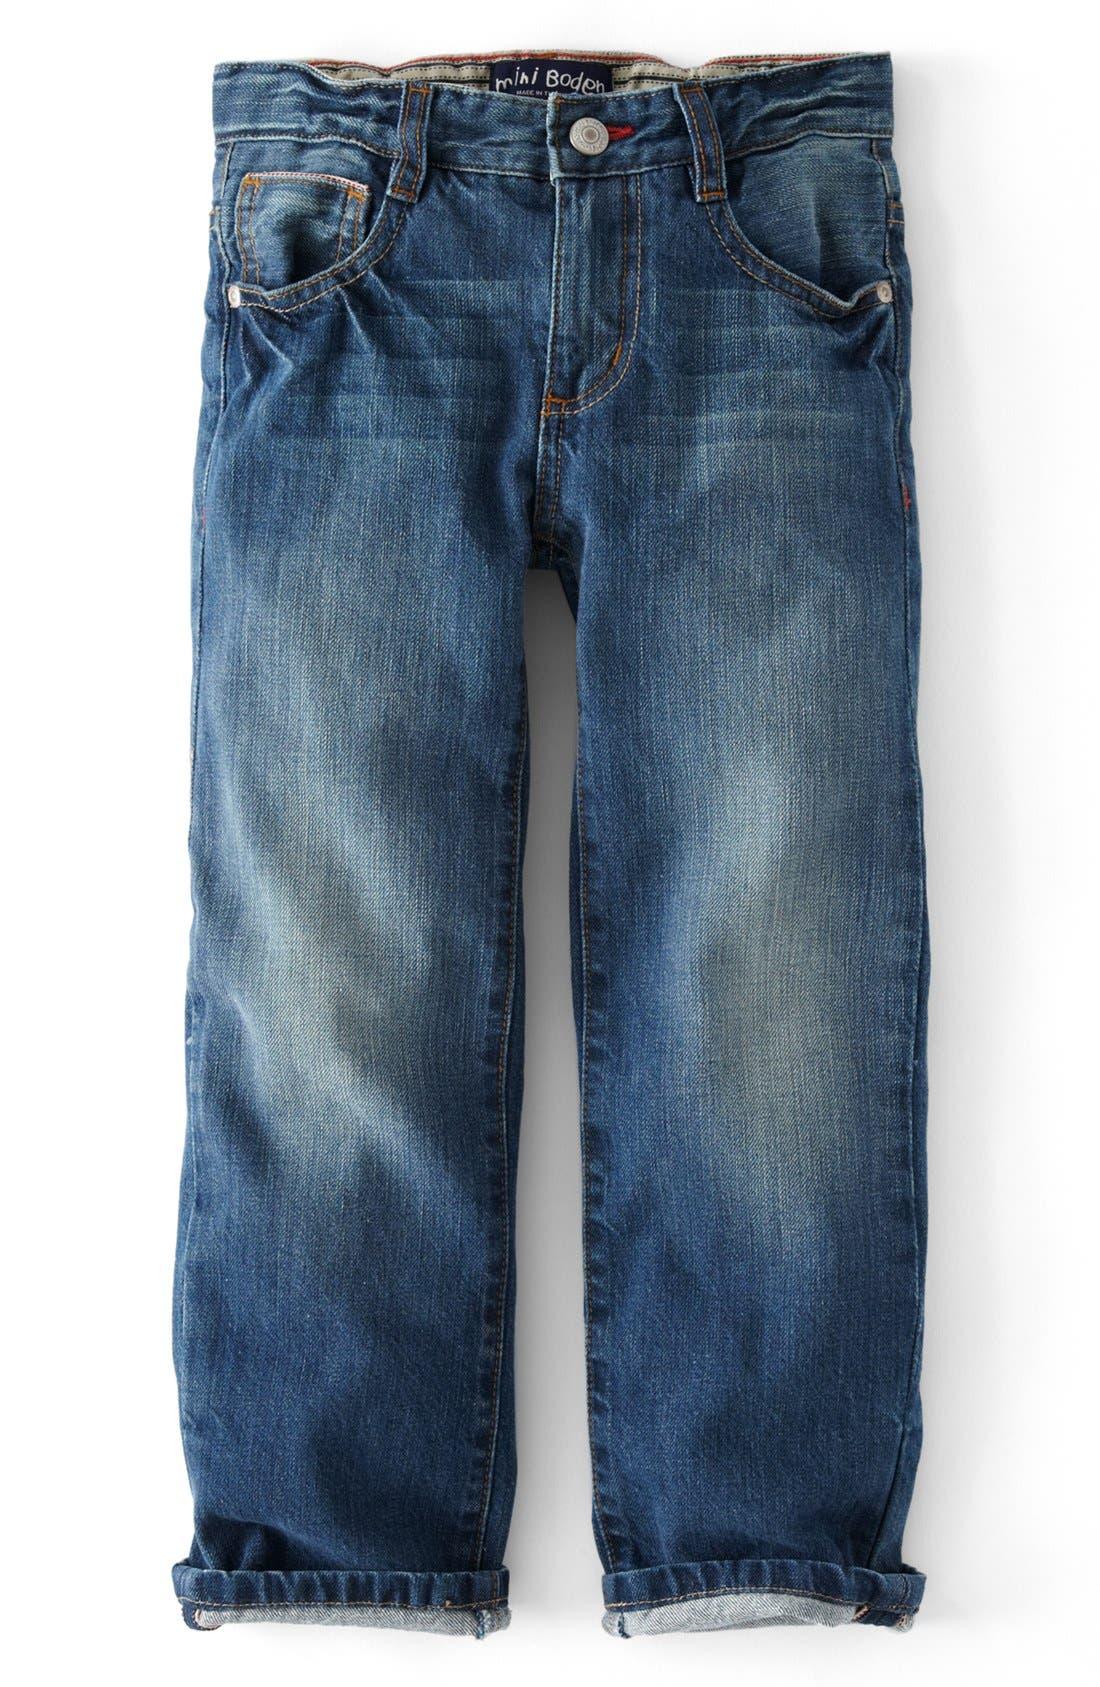 Alternate Image 1 Selected - Mini Boden Vintage Jeans (Toddler Boys, Little Boys & Big Boy)